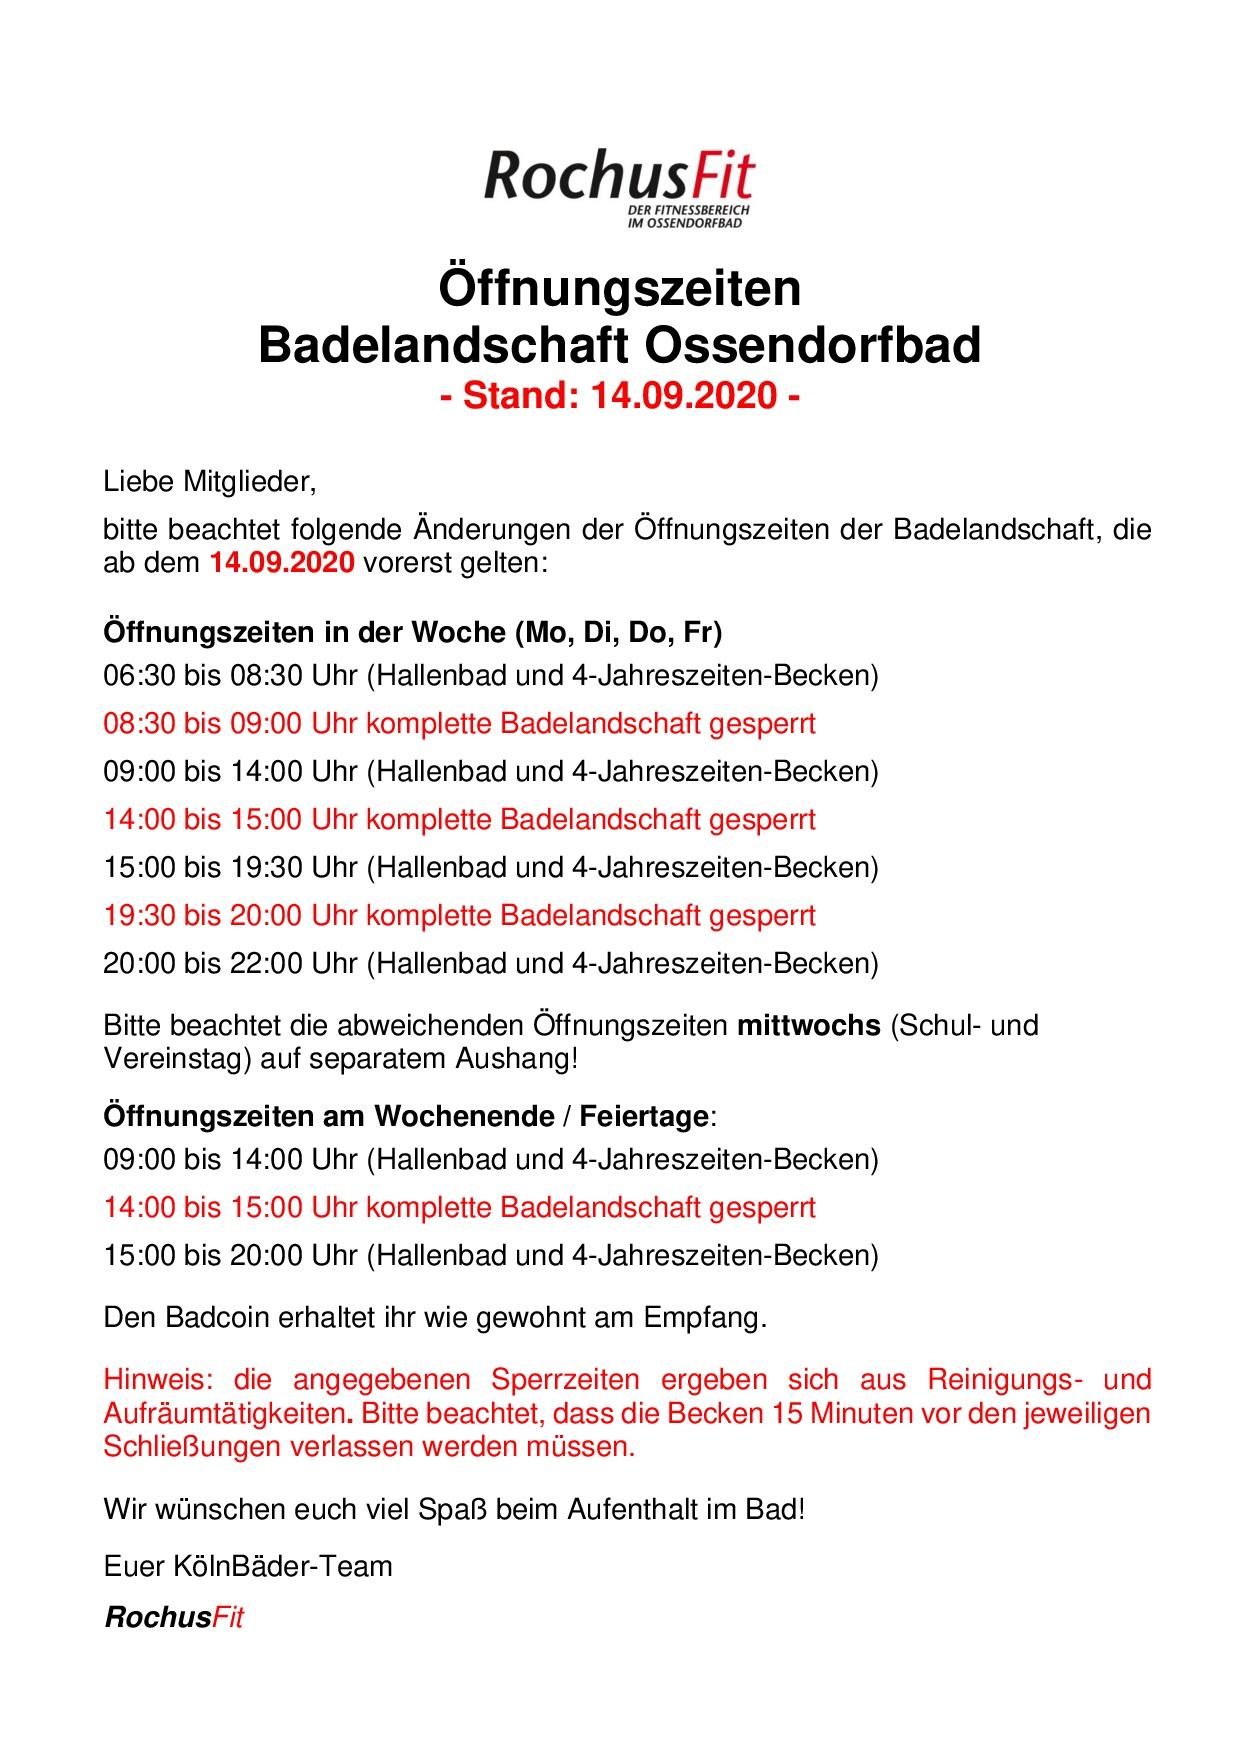 öffnungszeiten Kölnbäder